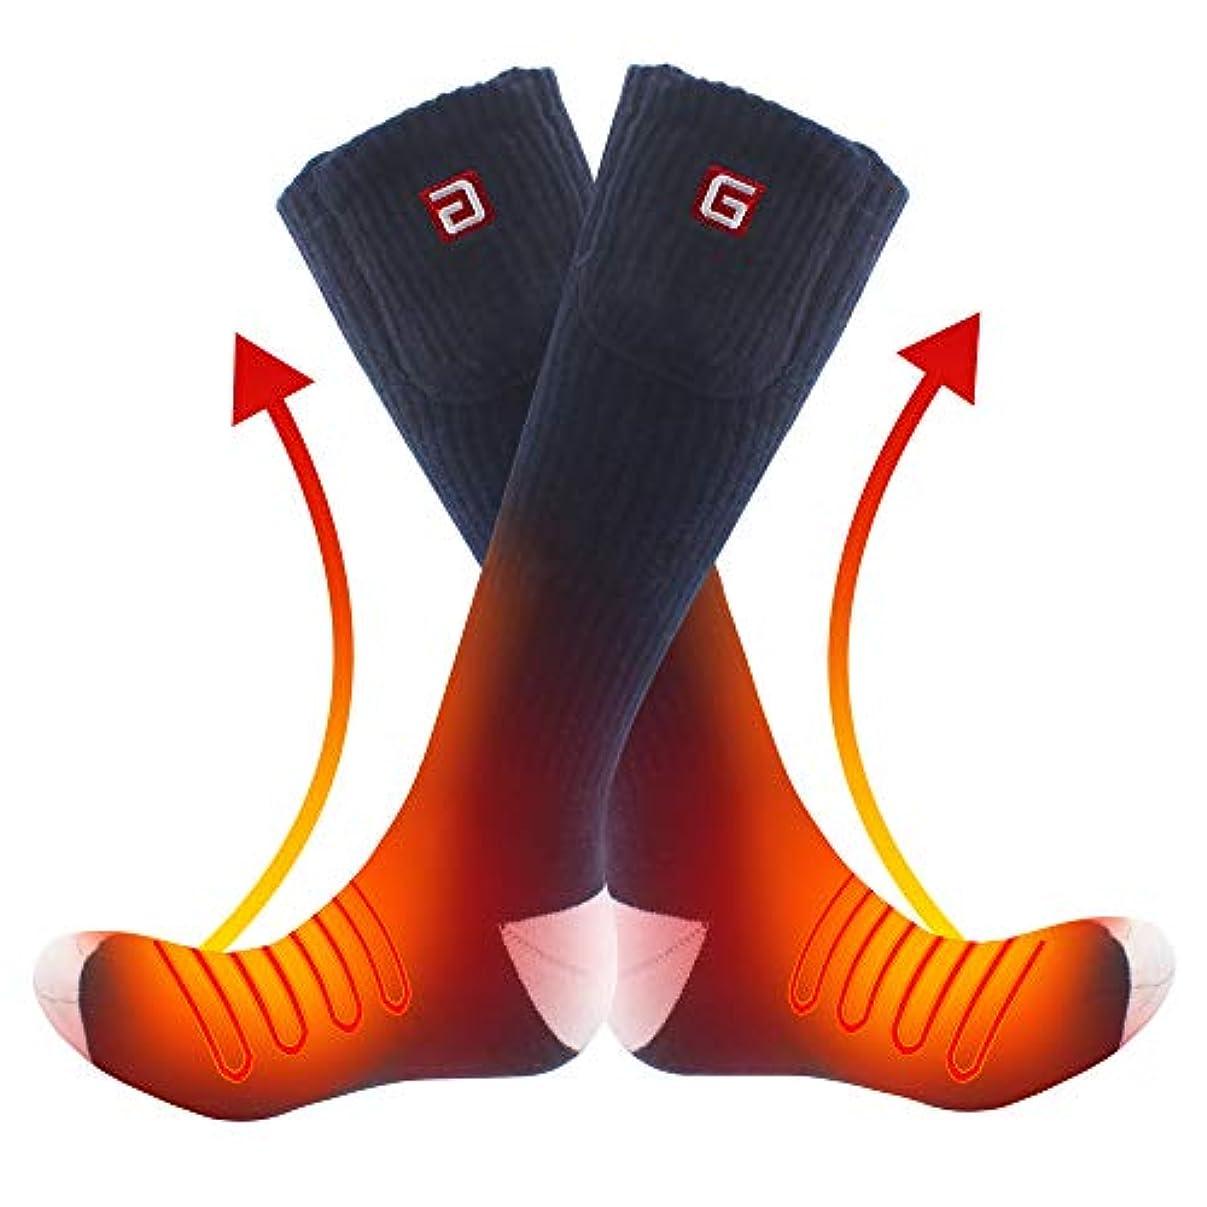 学部処分したビルマQILOVE 電熱ソックス 充電式ヒーター付靴下 充電式発熱保温靴下 釣り ハイキング スキー 防寒靴下 トゥウォーマー 暖かいフィート 男女兼用 充電式くつした保温